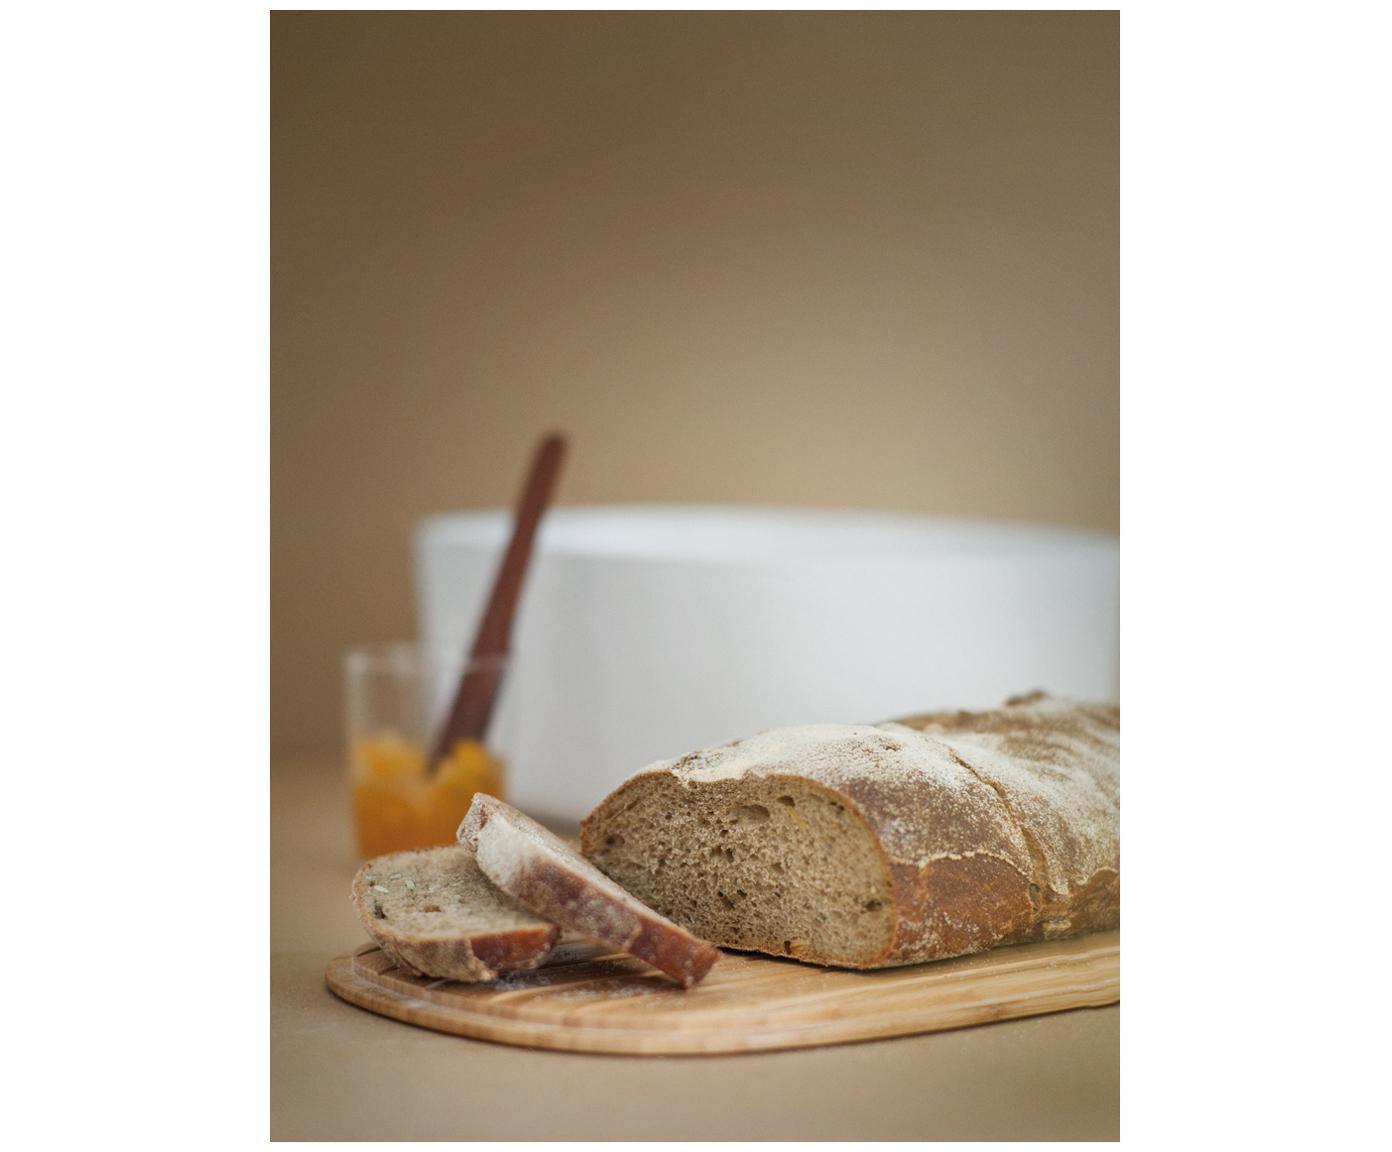 Chlebak Box-It, Melamina, drewno bambusowe, Pojemnik: biały<br>Pokrywka: brązowy, 35 x 12 cm